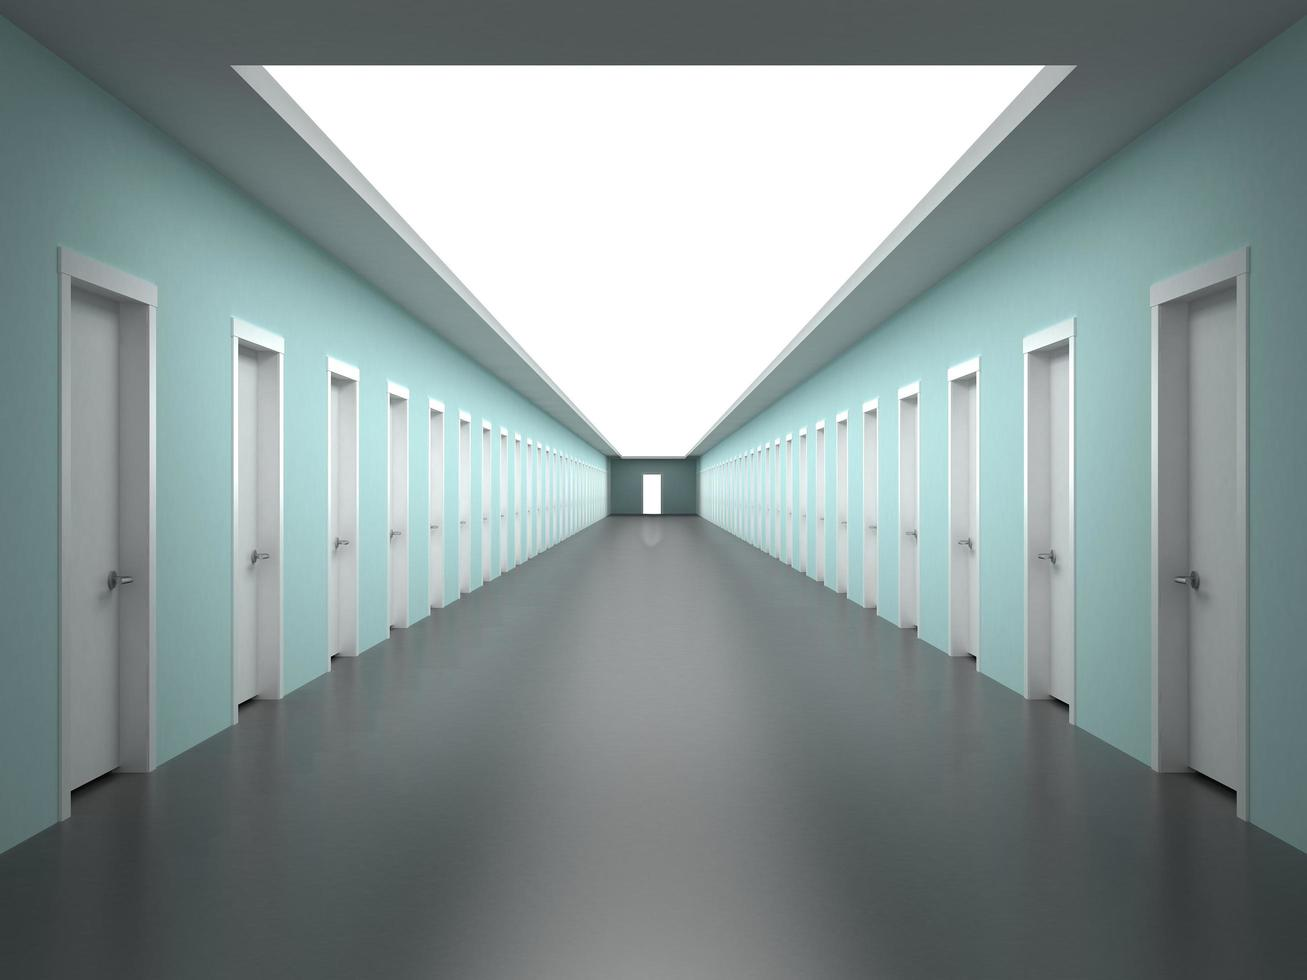 couloirs interminables du bâtiment photo